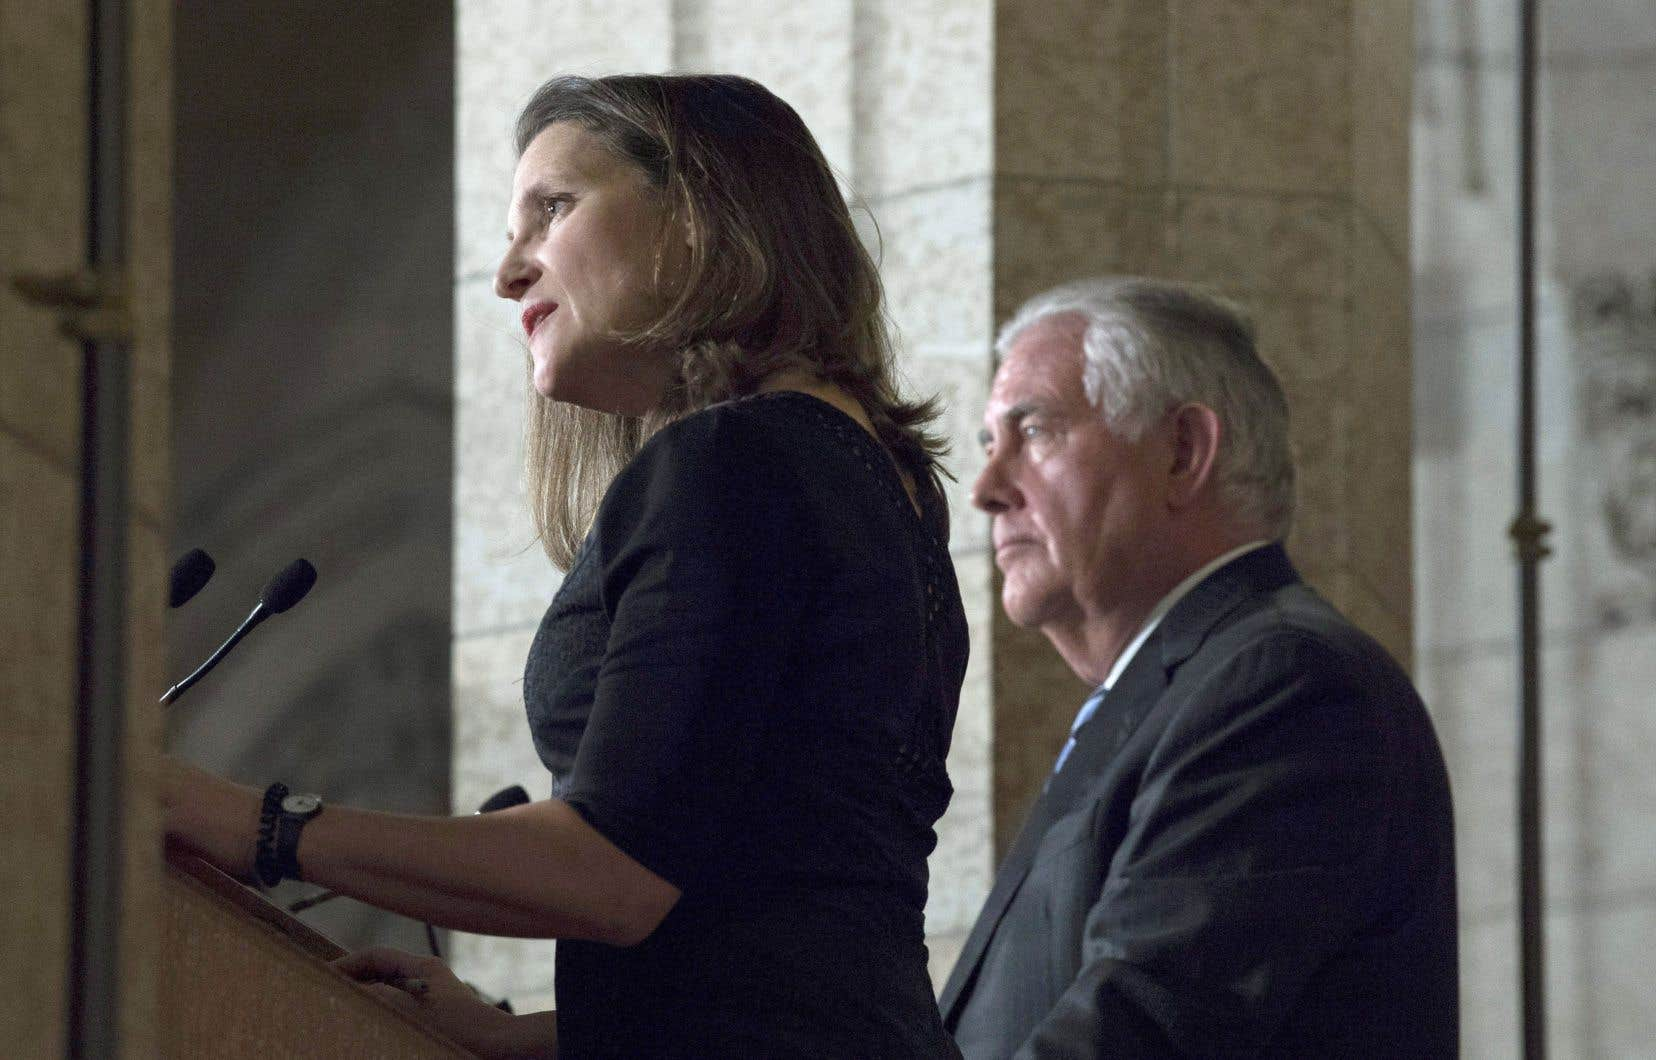 La ministre canadienne des Affaires étrangères, Chrystia Freeland, aux côtés de son homologue américain, Rex Tillerson.